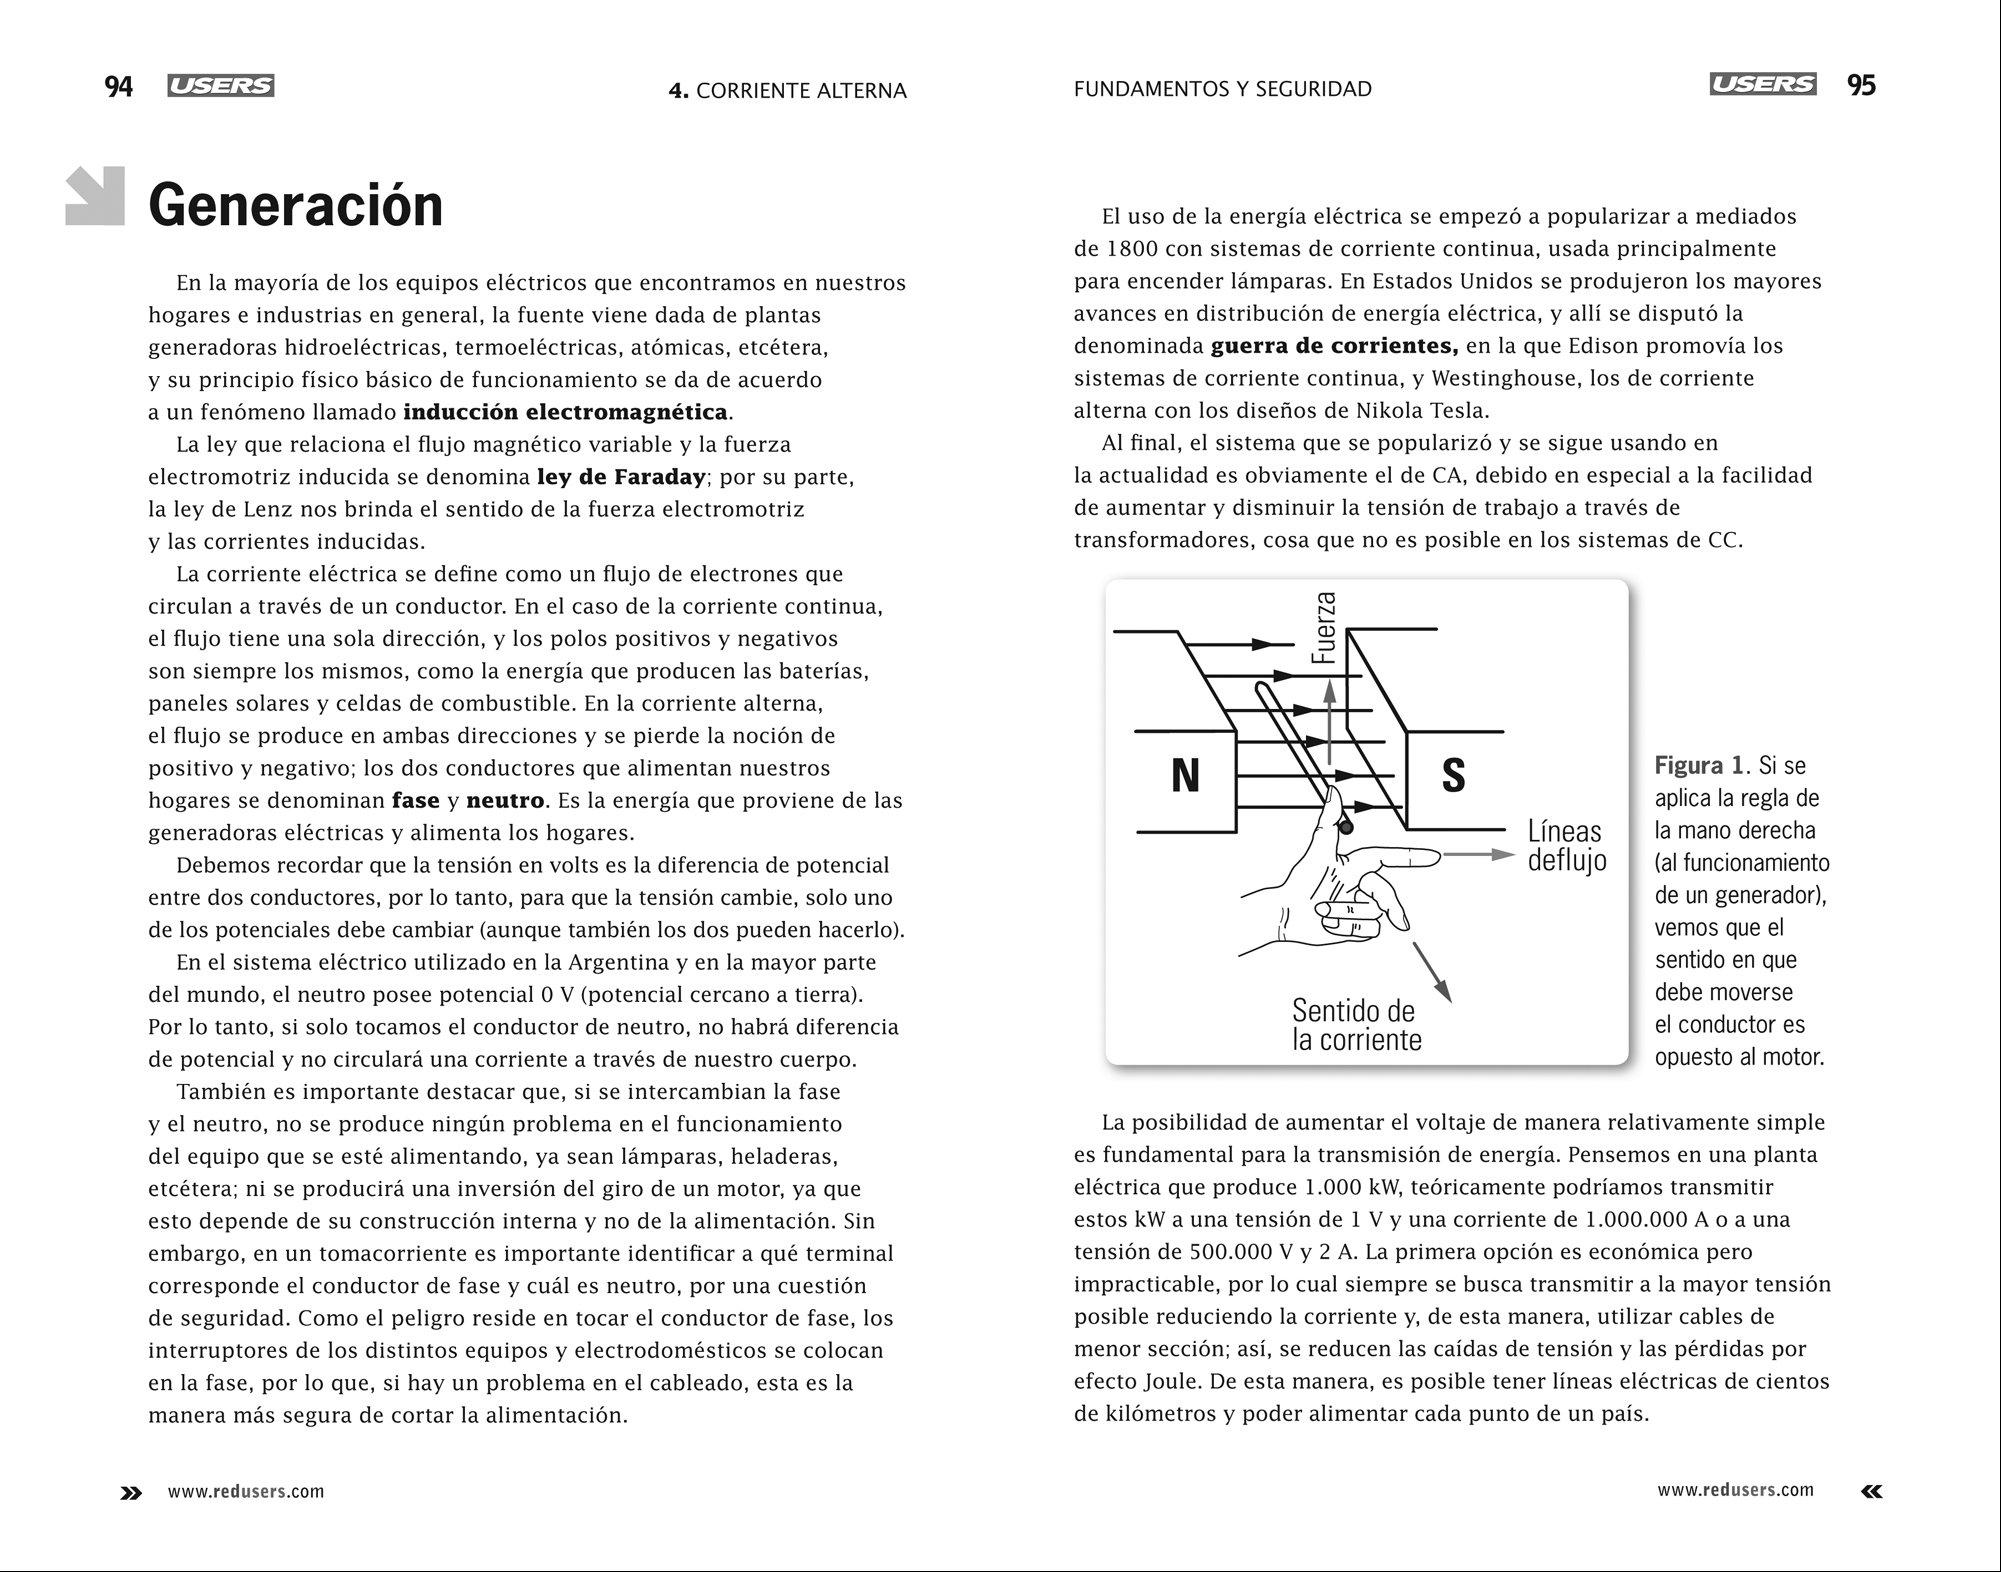 Electricidad 1: Fundamentos y Seguridad (Spanish Edition): Users Staff, RedUsers Usershop, Español Espanol Espaniol, Libro libros Manual computación ...